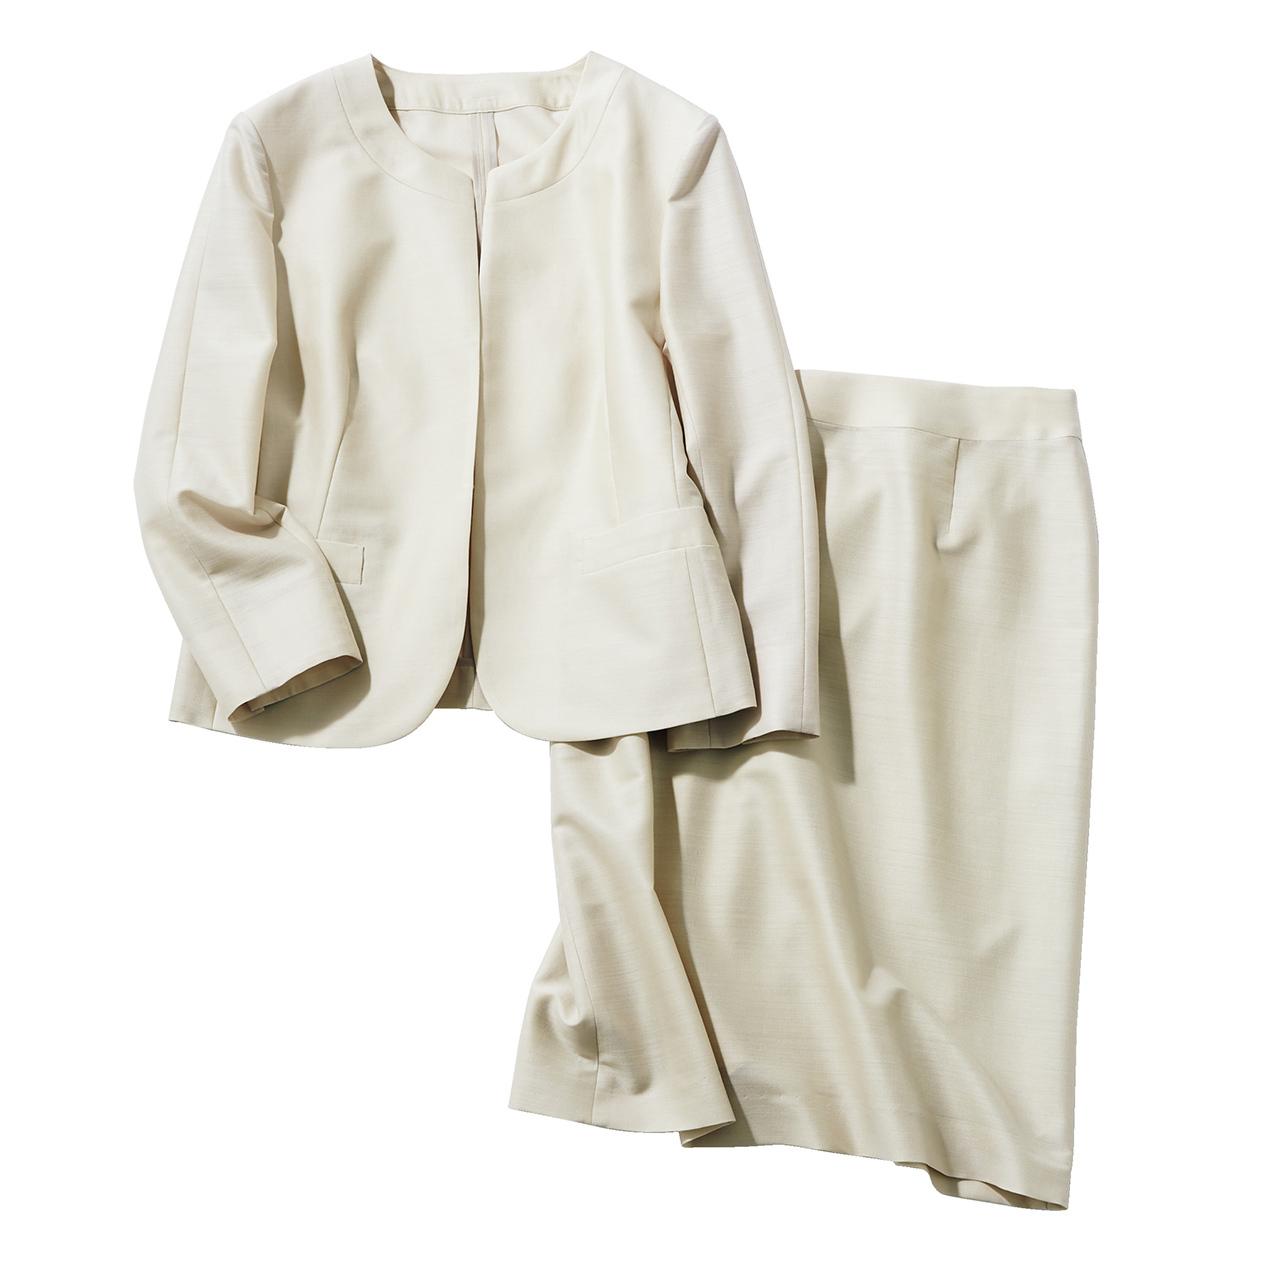 働く女性を応援!自宅で洗えるスーツ&御用達ブランドの服 五選_1_1-5